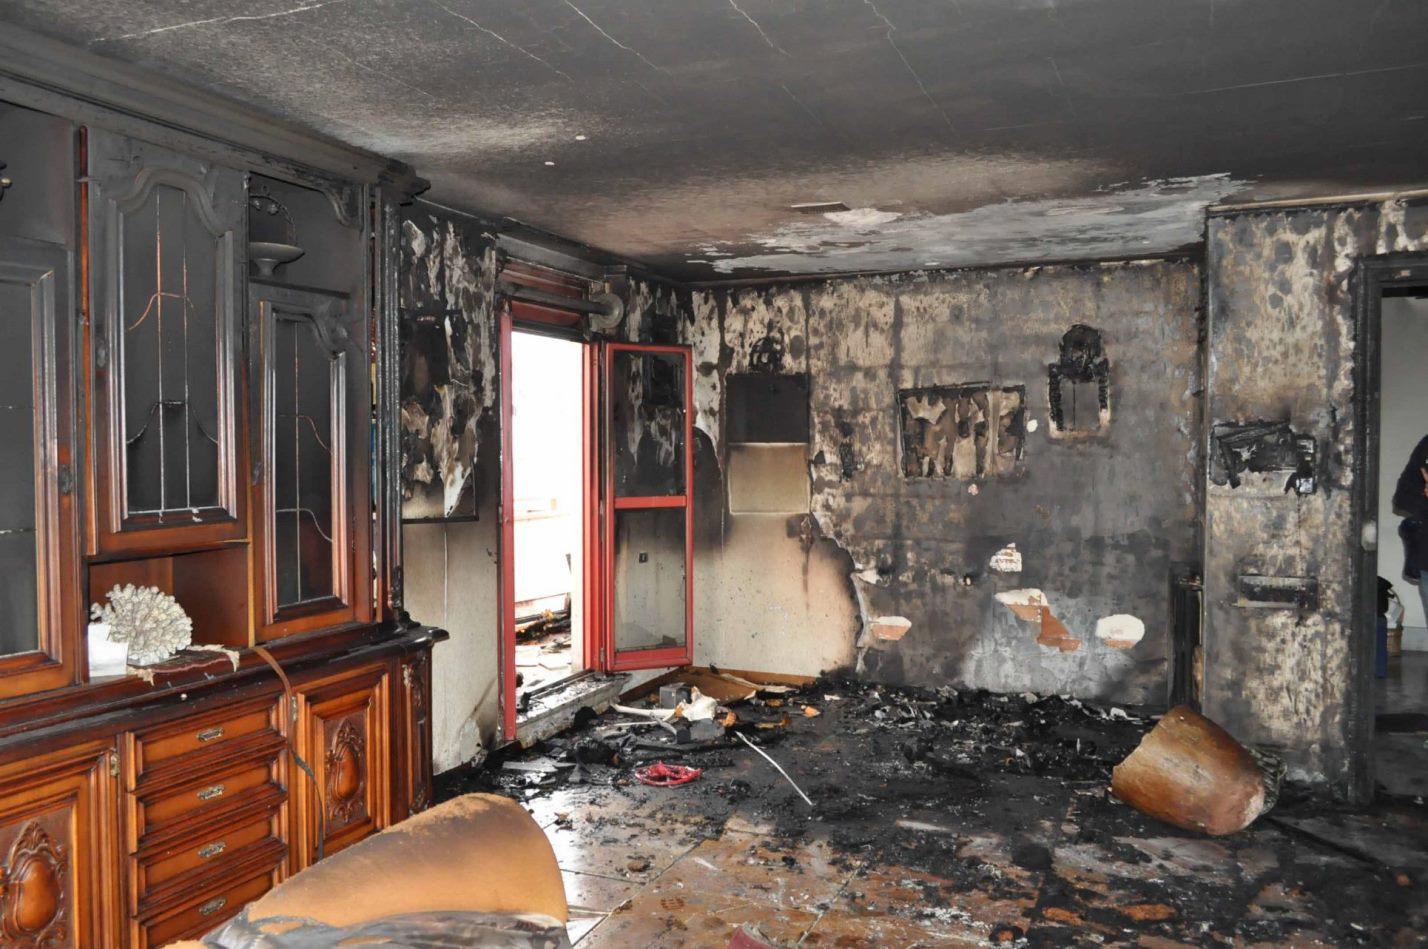 Incendio in salotto, cosa fare?